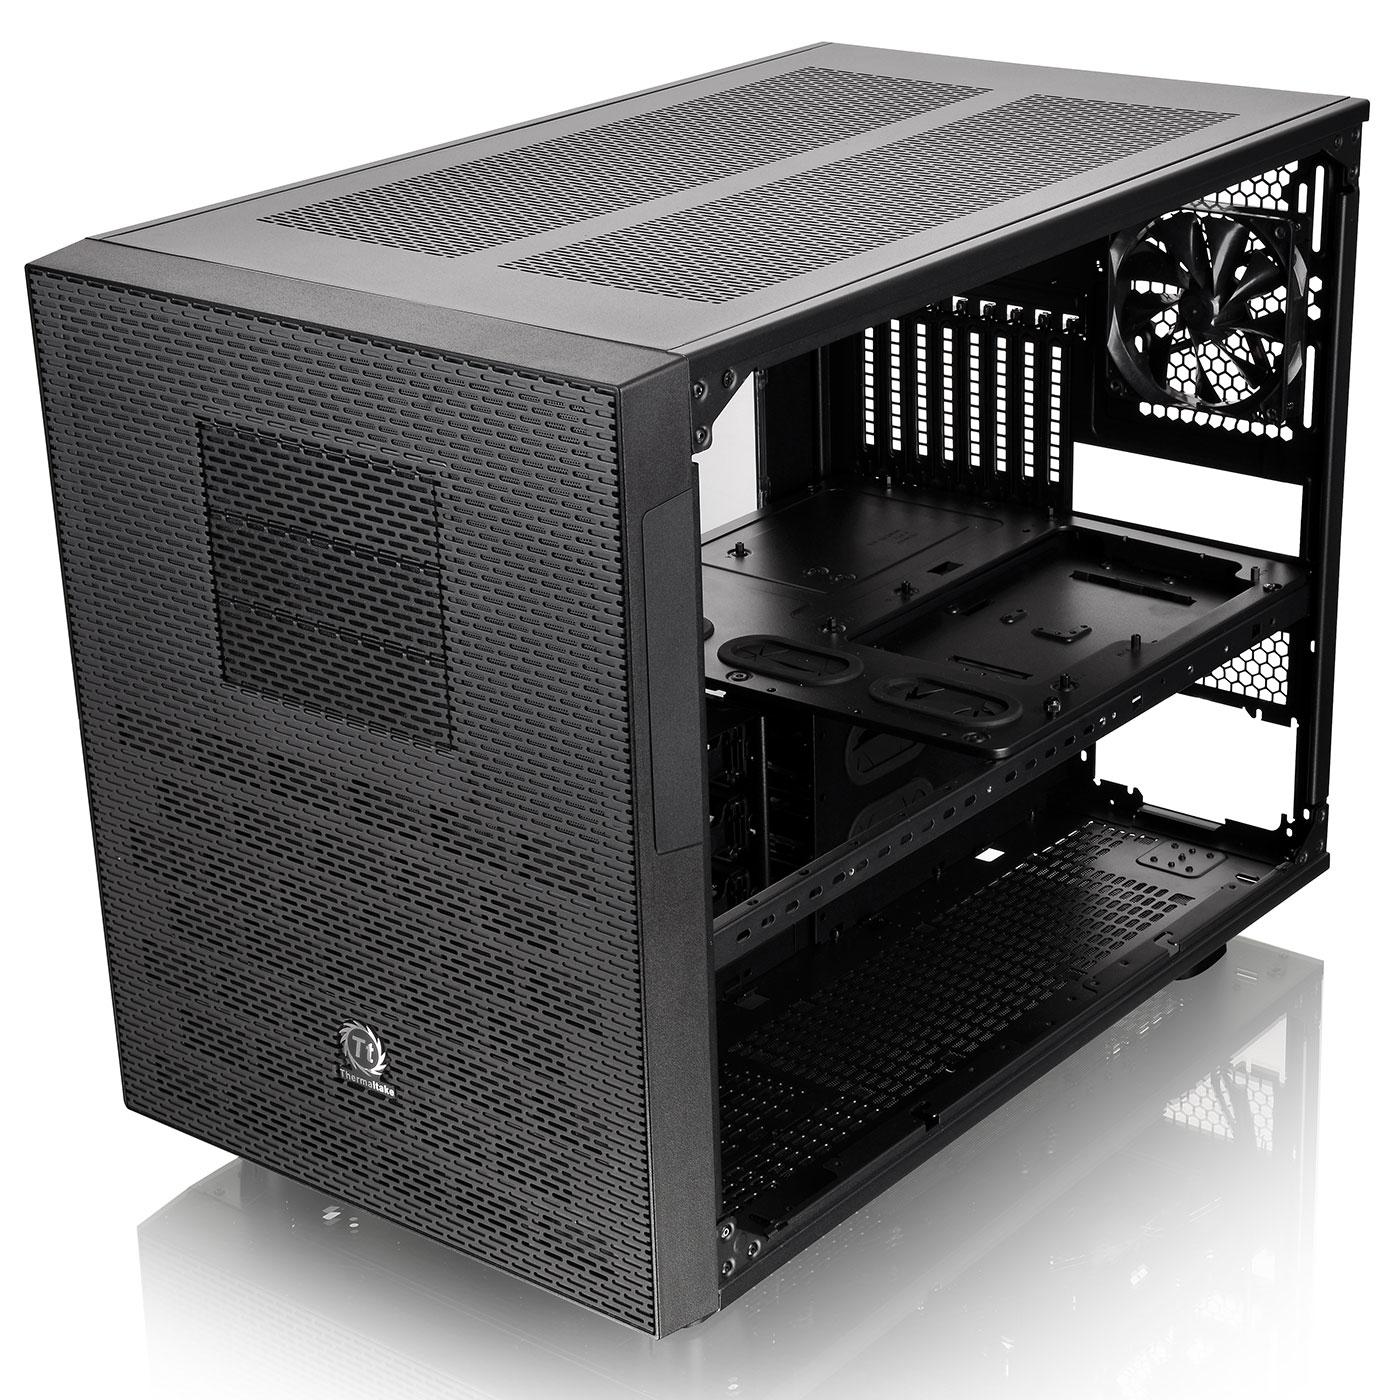 Thermaltake Core X9 Noir Noir - Boîtier PC Thermaltake - 3